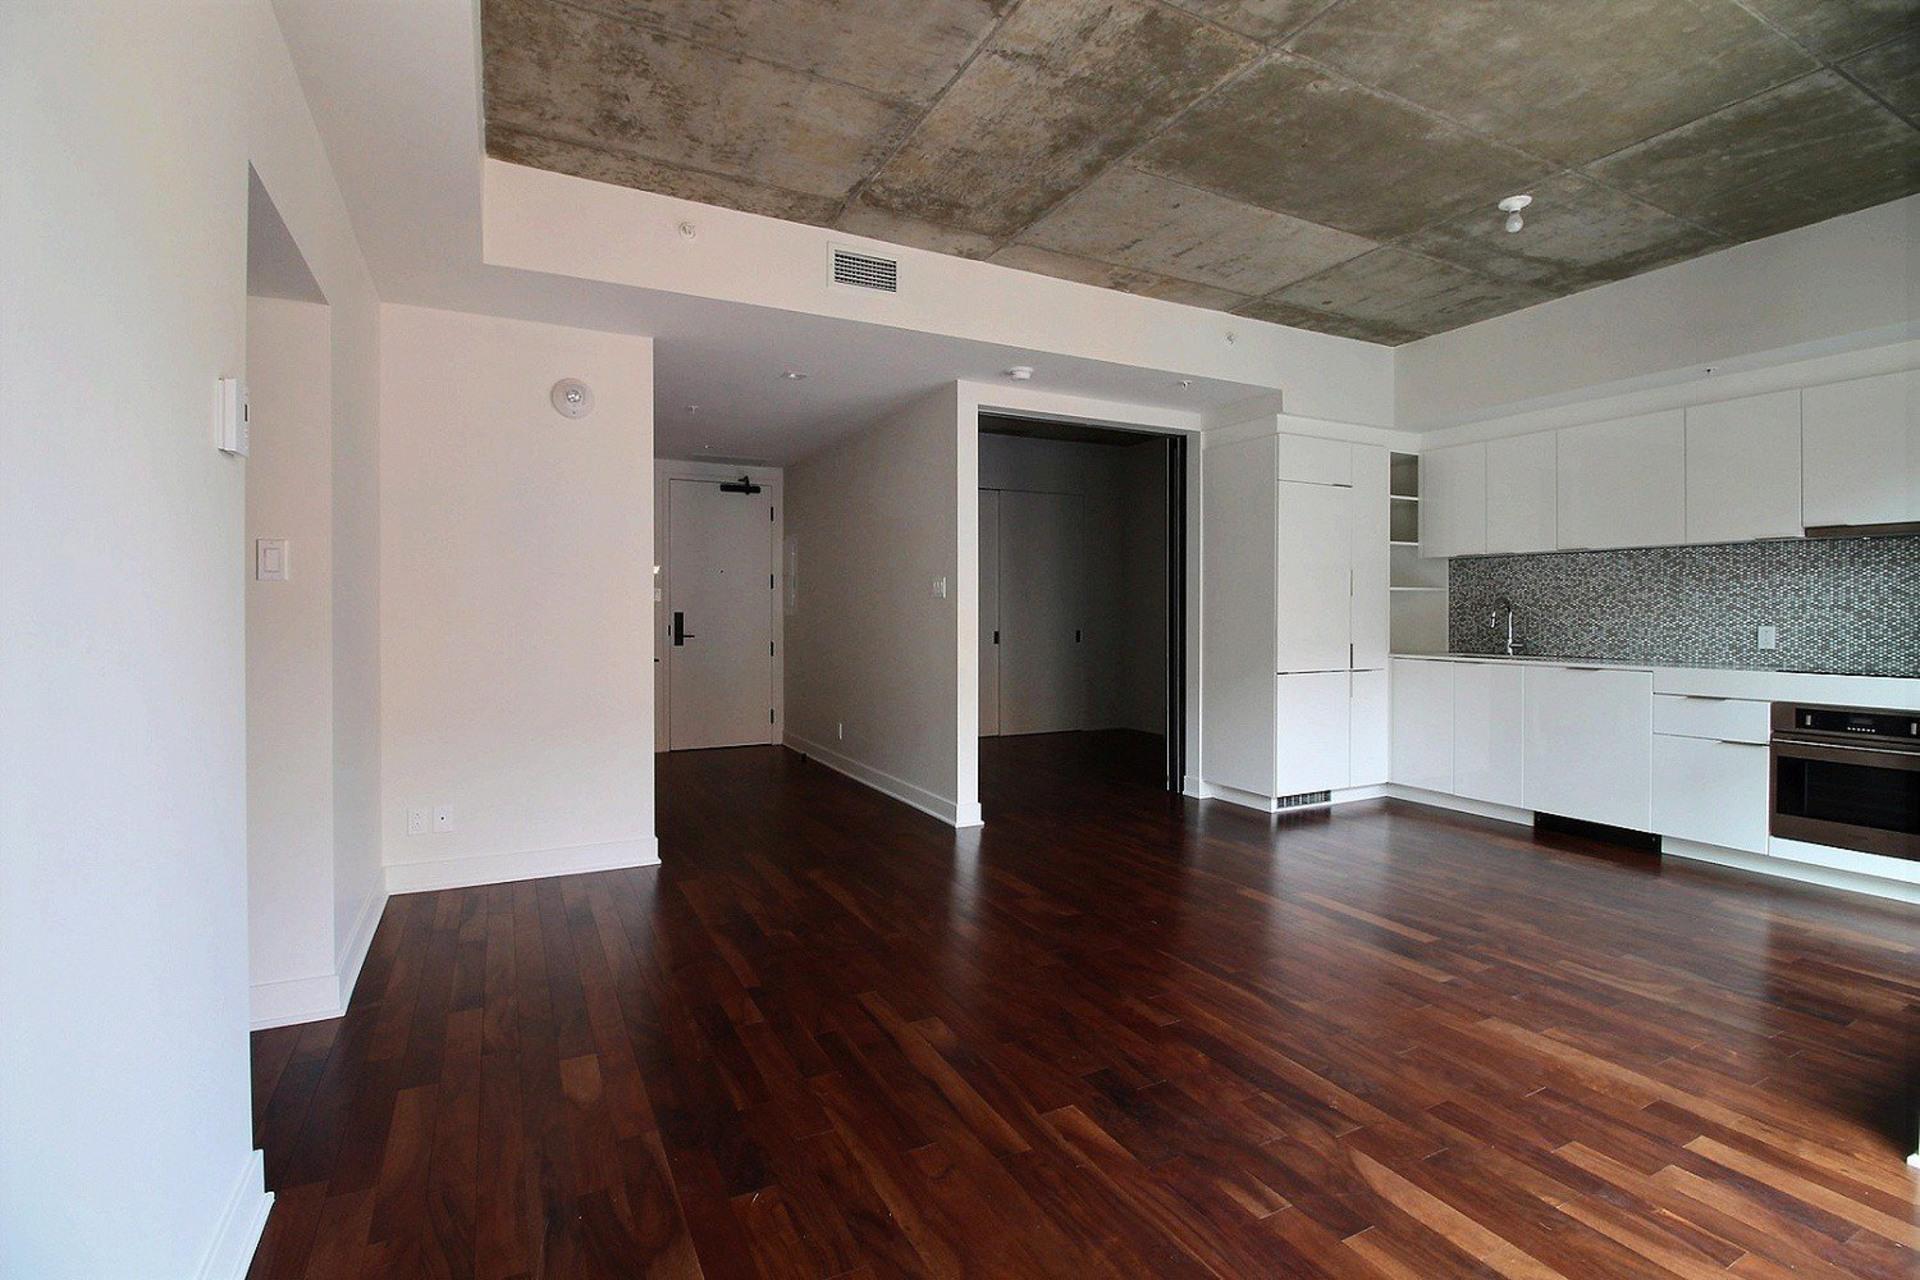 image 8 - Apartment For rent Montréal Le Sud-Ouest  - 5 rooms